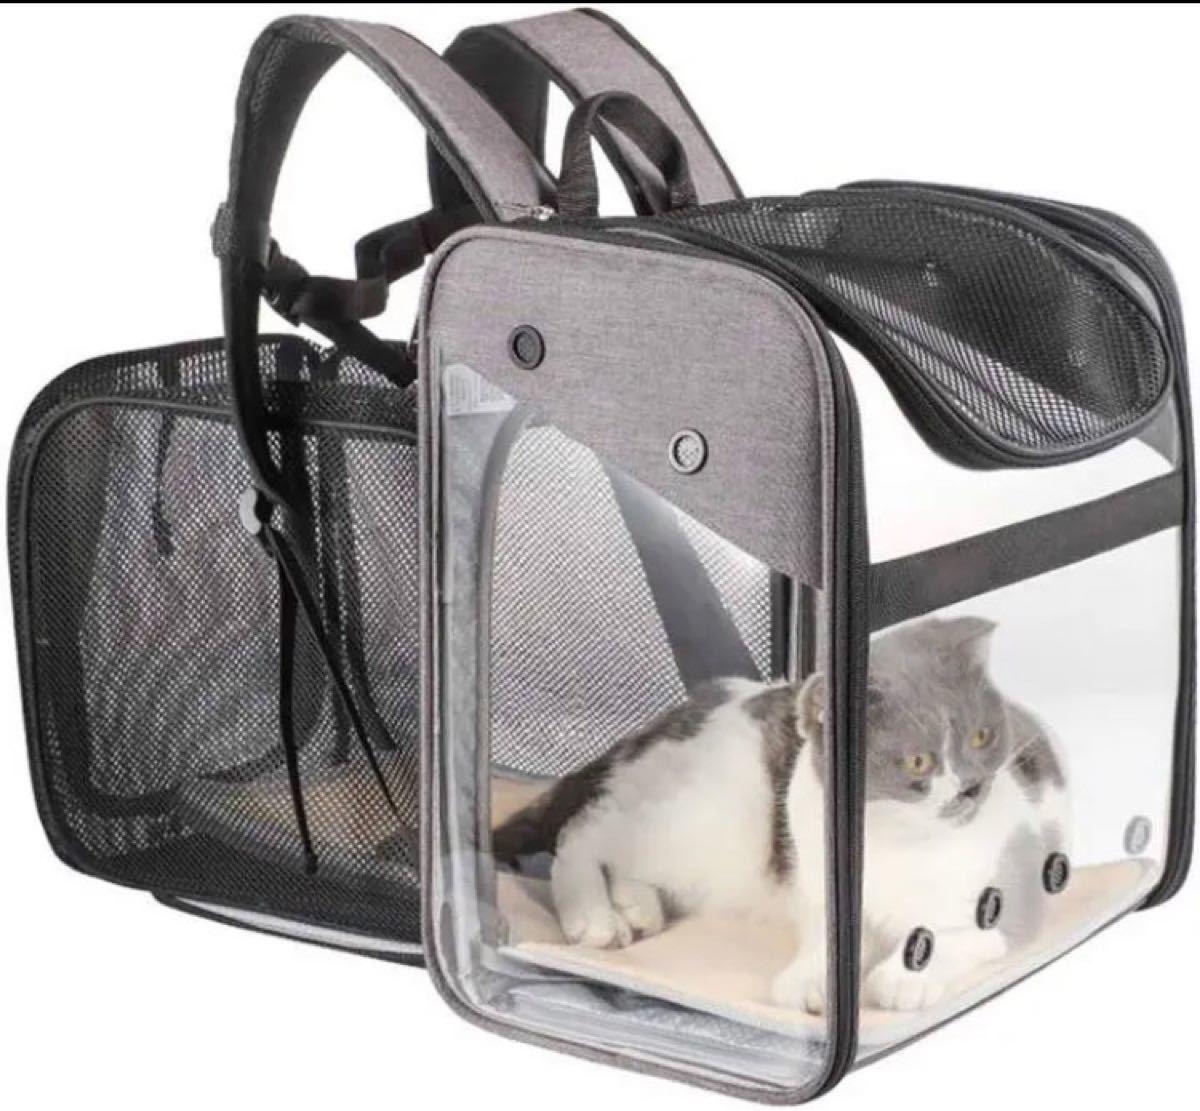 ペキュートペットキャリーバッグリュック容量を拡張可能なバックパックペット